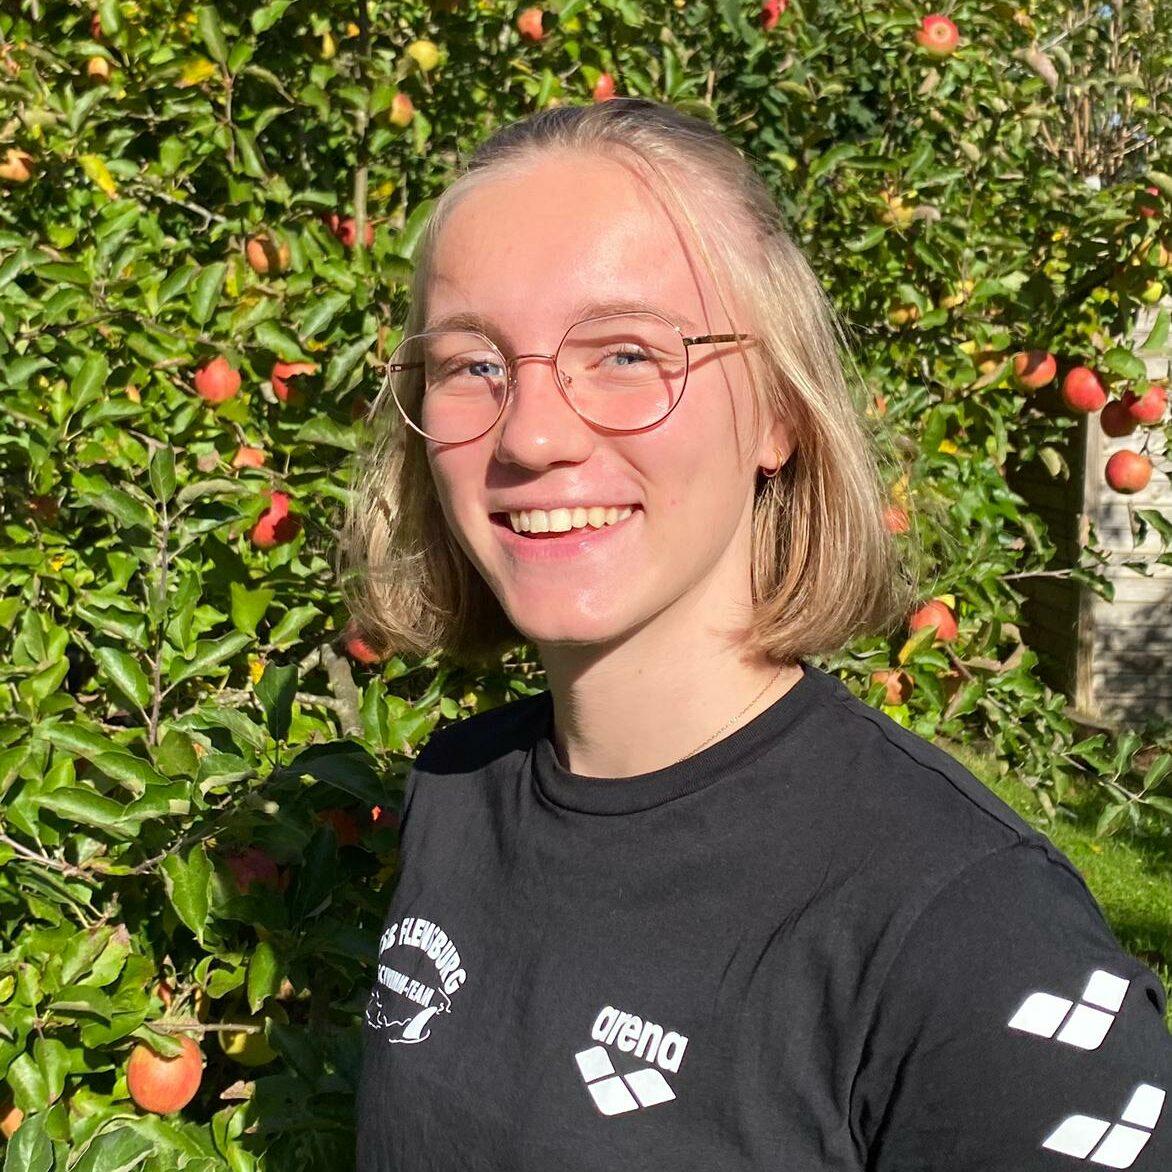 Charlotte Jürgensen